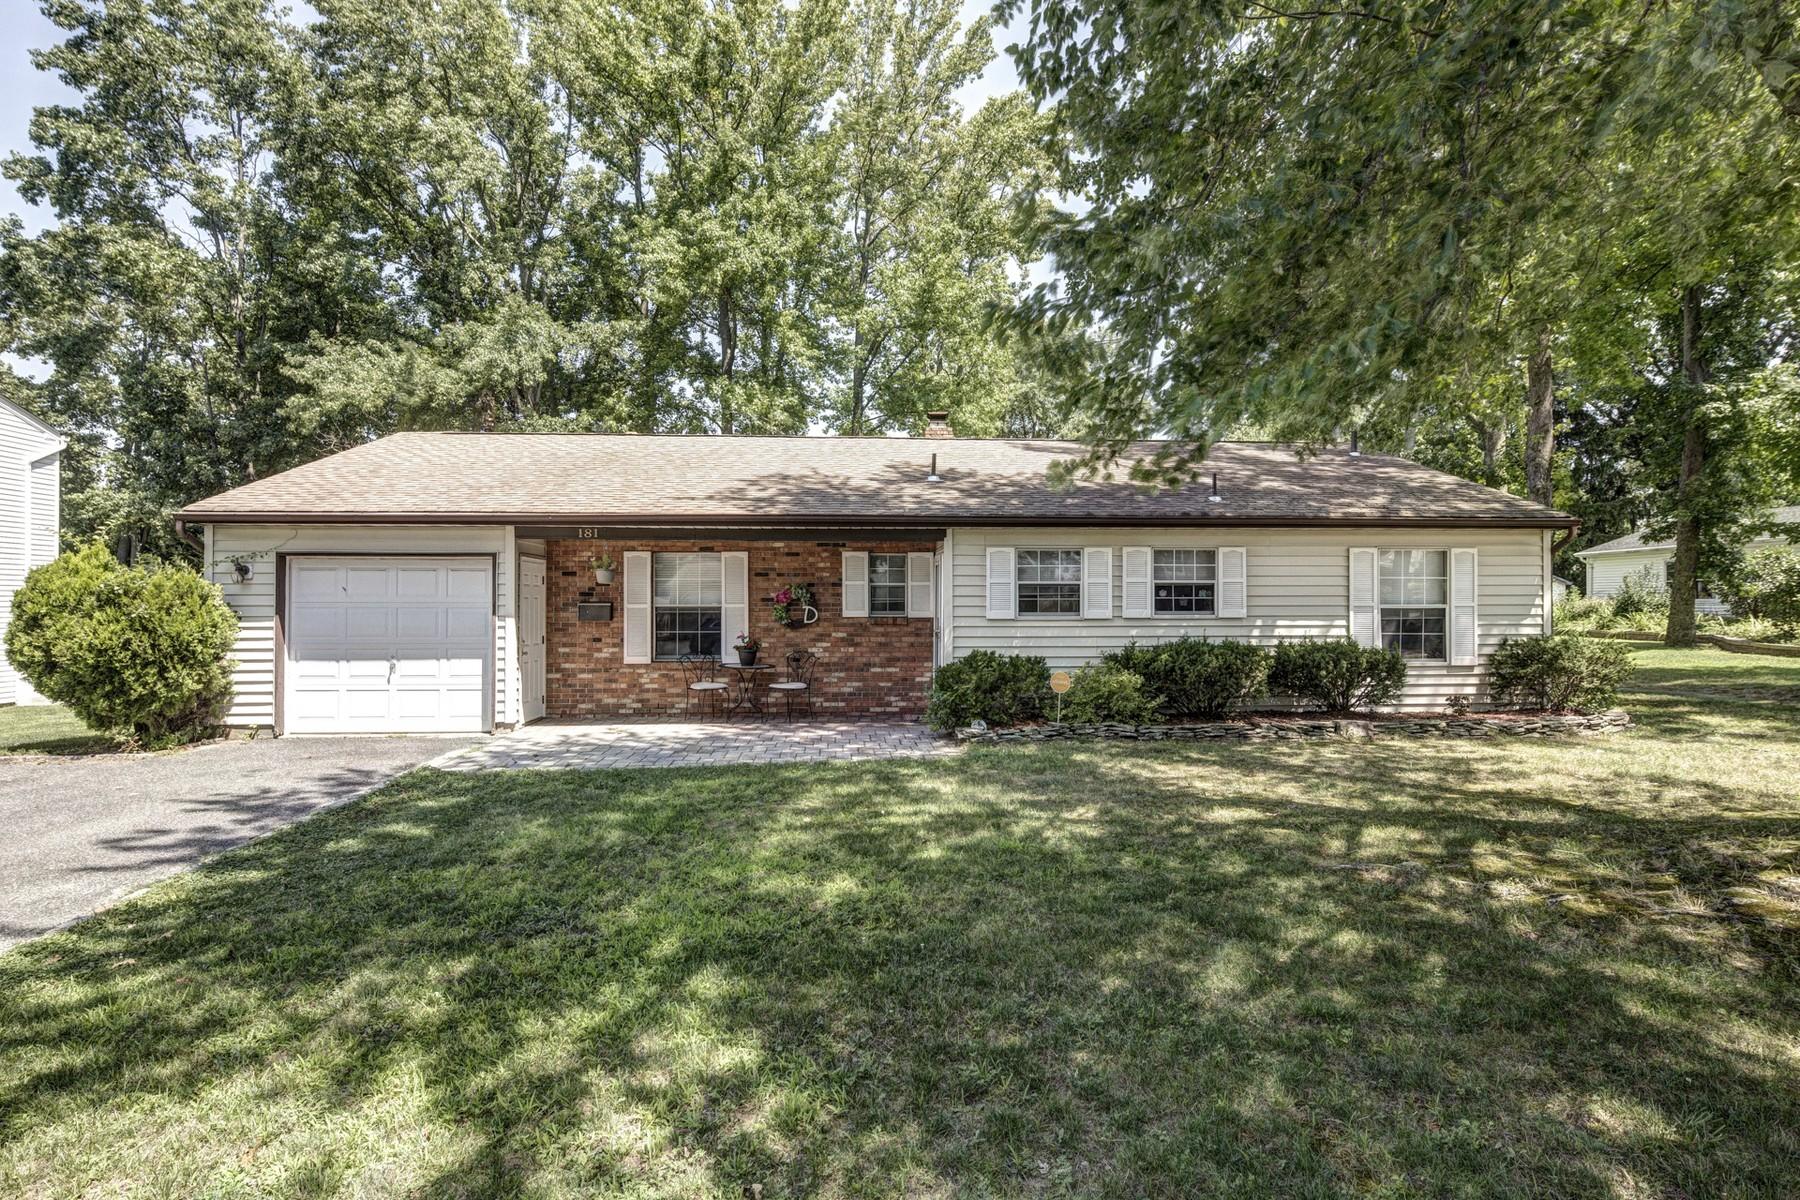 Casa Unifamiliar por un Venta en 181 Clinton Ave. Eatontown, Nueva Jersey 07724 Estados Unidos